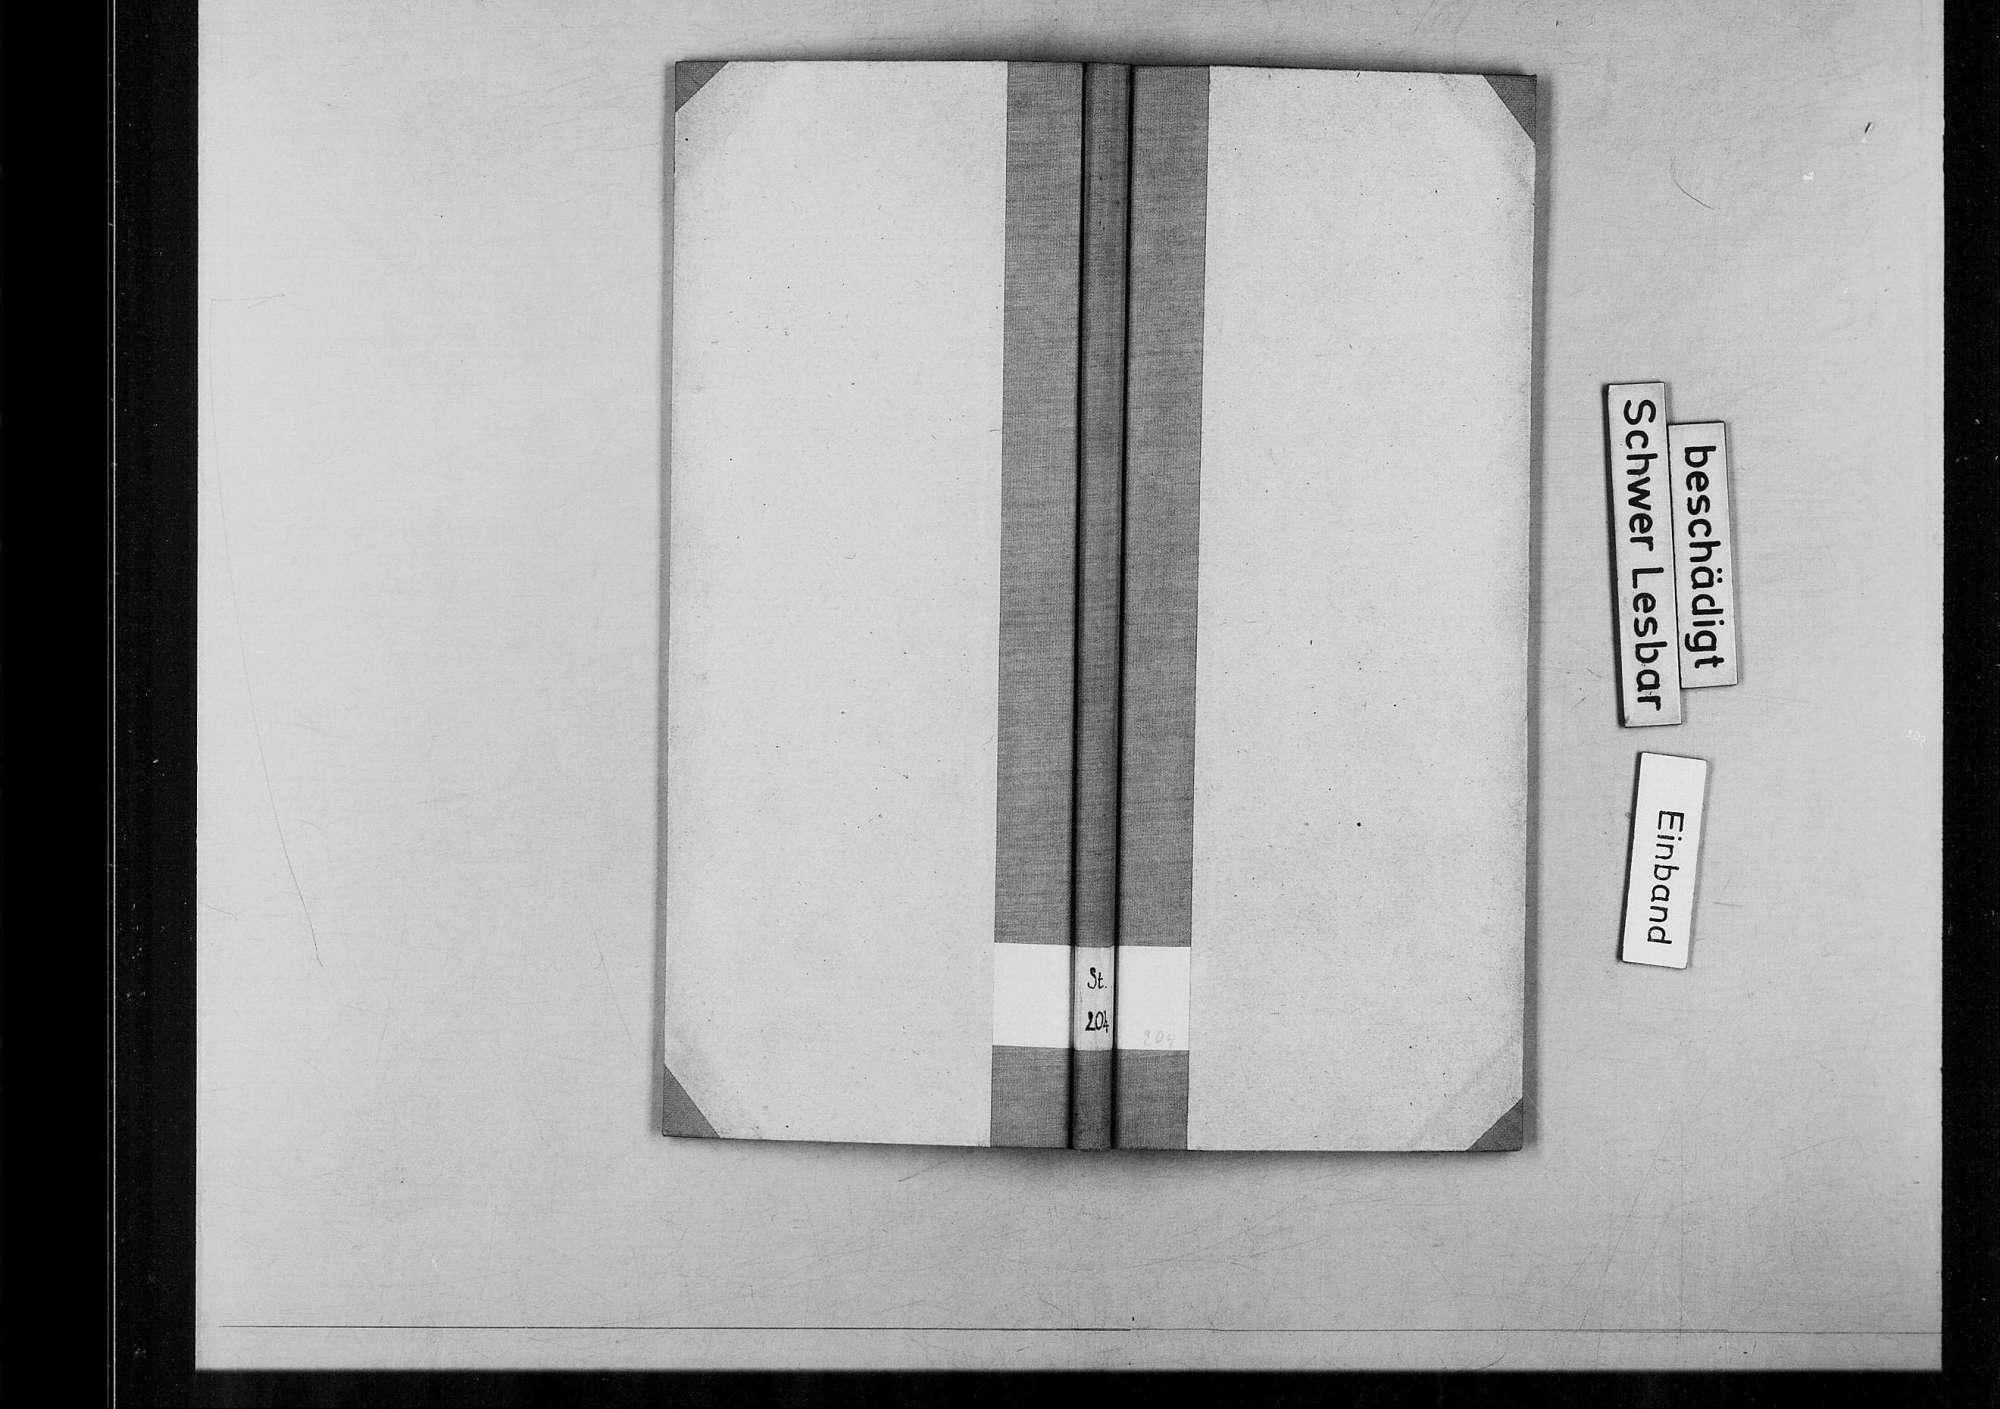 Rosenfeld, Bild 1